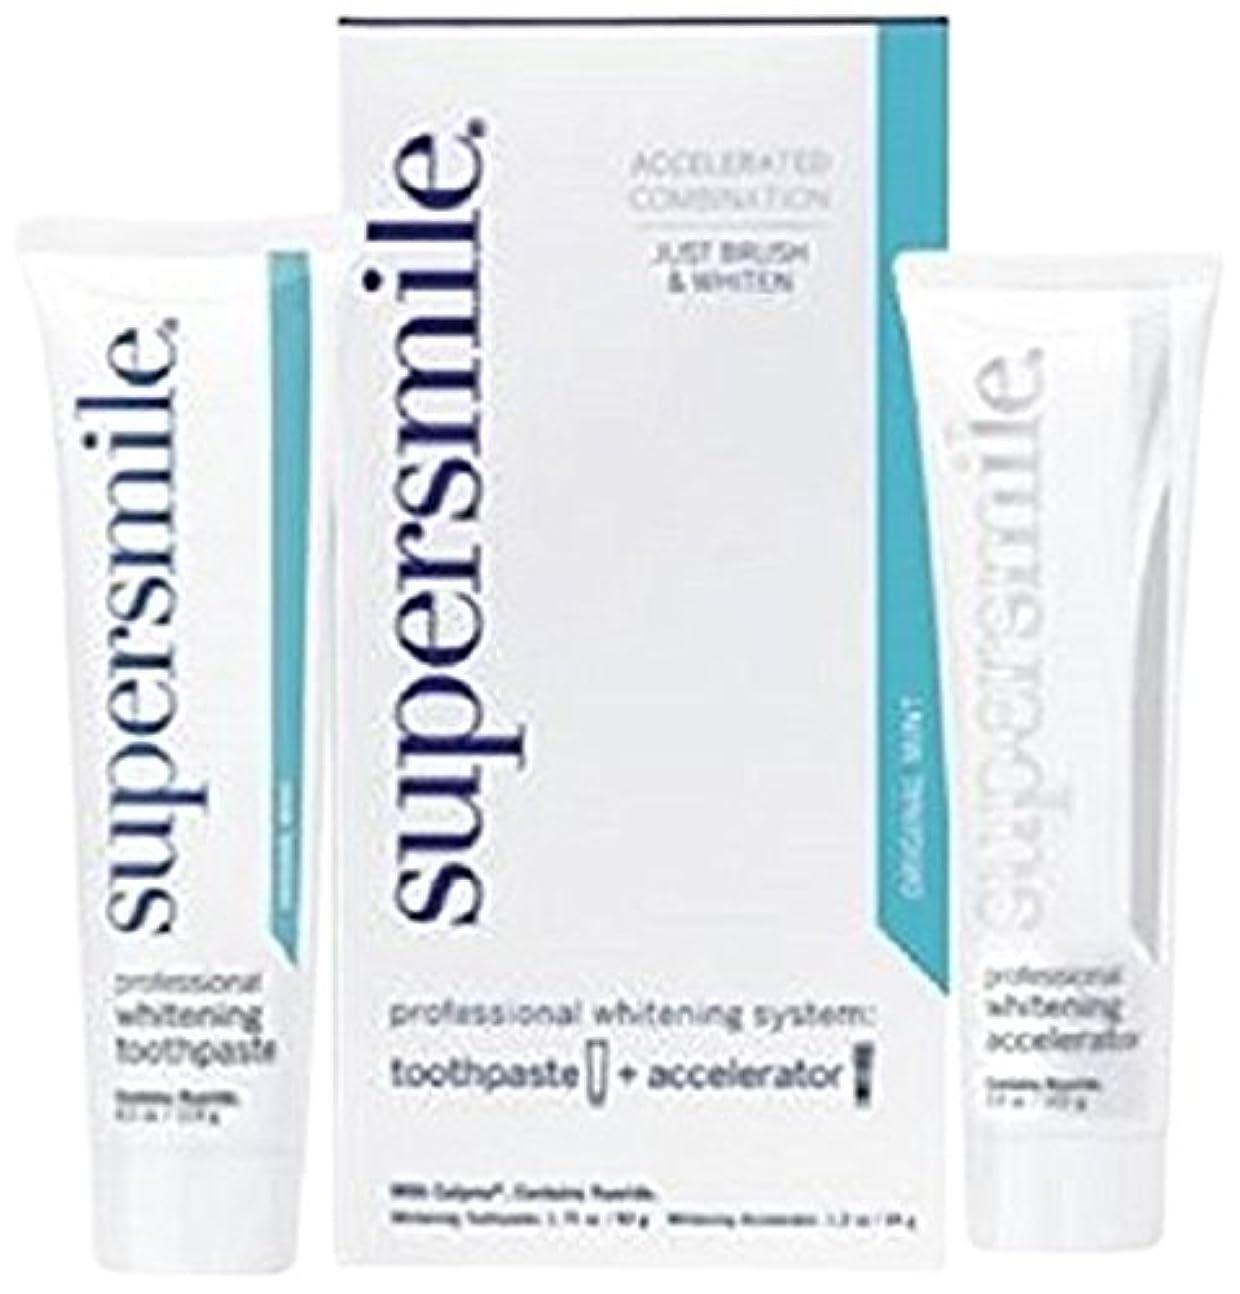 物思いにふける作者ランデブーSupersmile Professional Whitening System: Toothpaste 50g/1.75oz + Accelerator 34g/1.2oz - 2pcs by SuperSmile